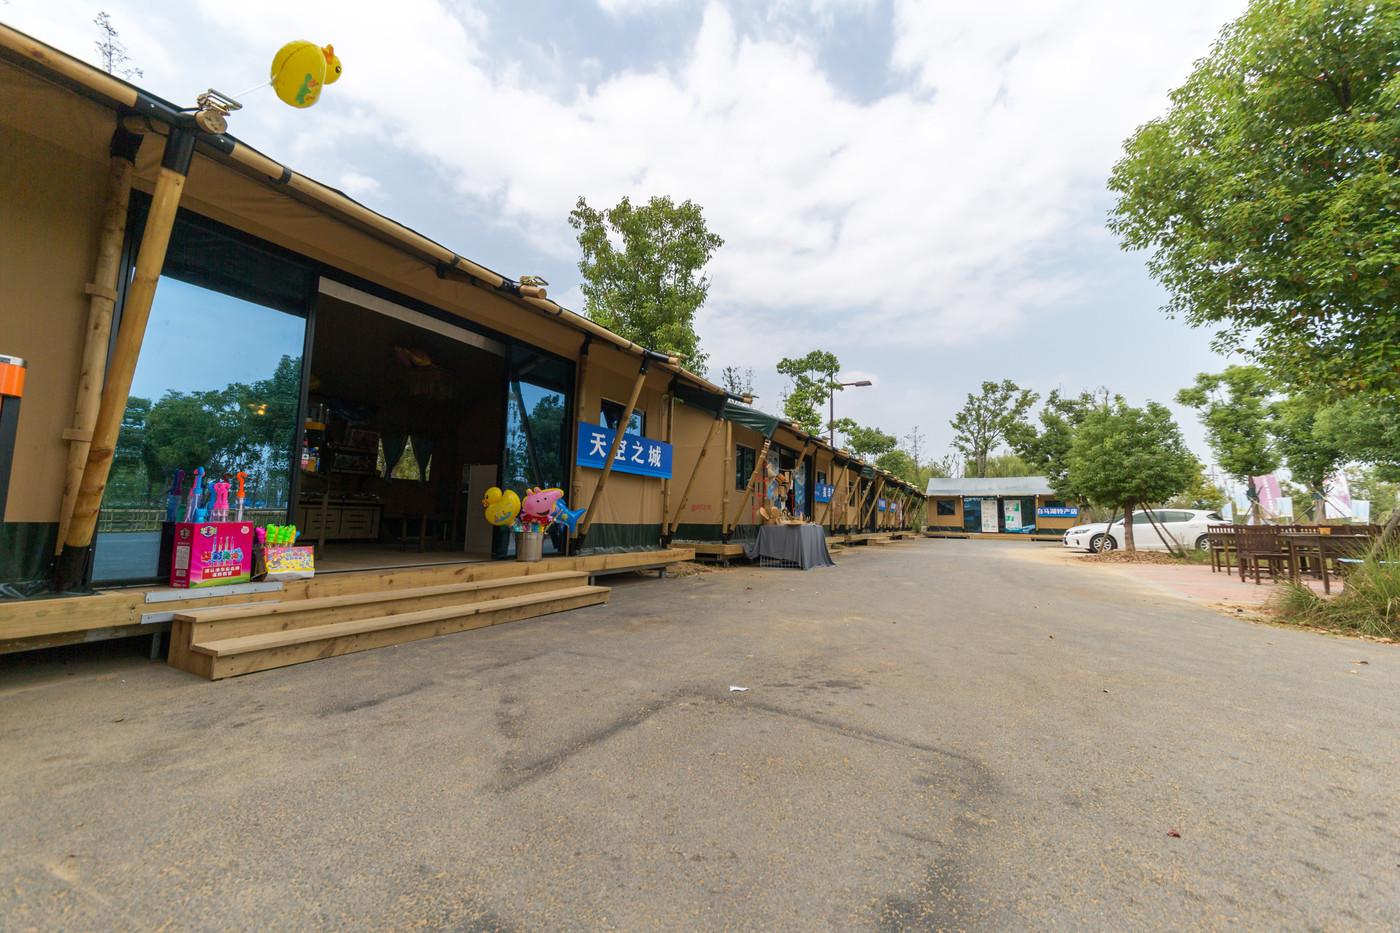 喜马拉雅野奢帐篷酒店—淮安白马湖度假区商铺9